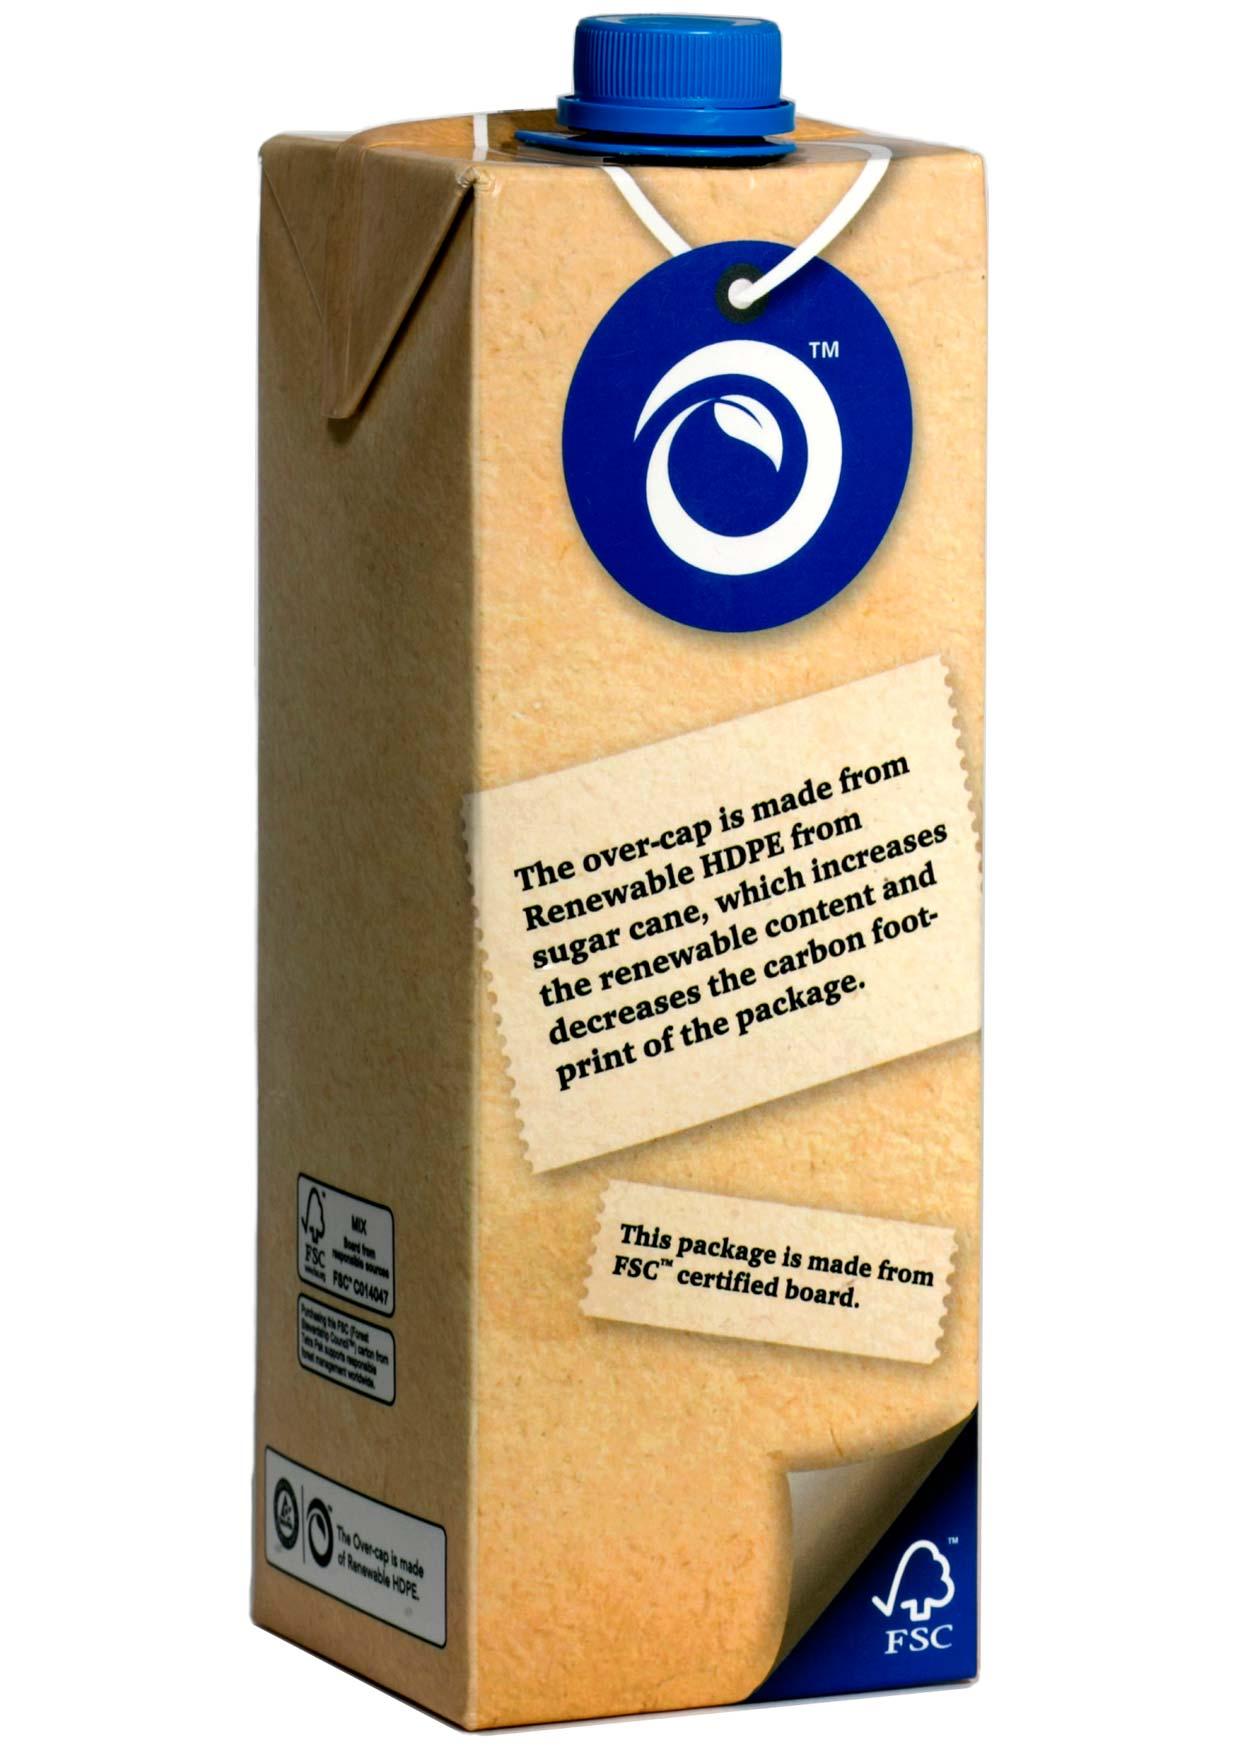 Der Großteil der nachwachsenden Verpackung besteht aus Rohkarton. Innenbeschichtung und Verschluss fertigt ein Spezialunternehmen aus Zuckerrohr.